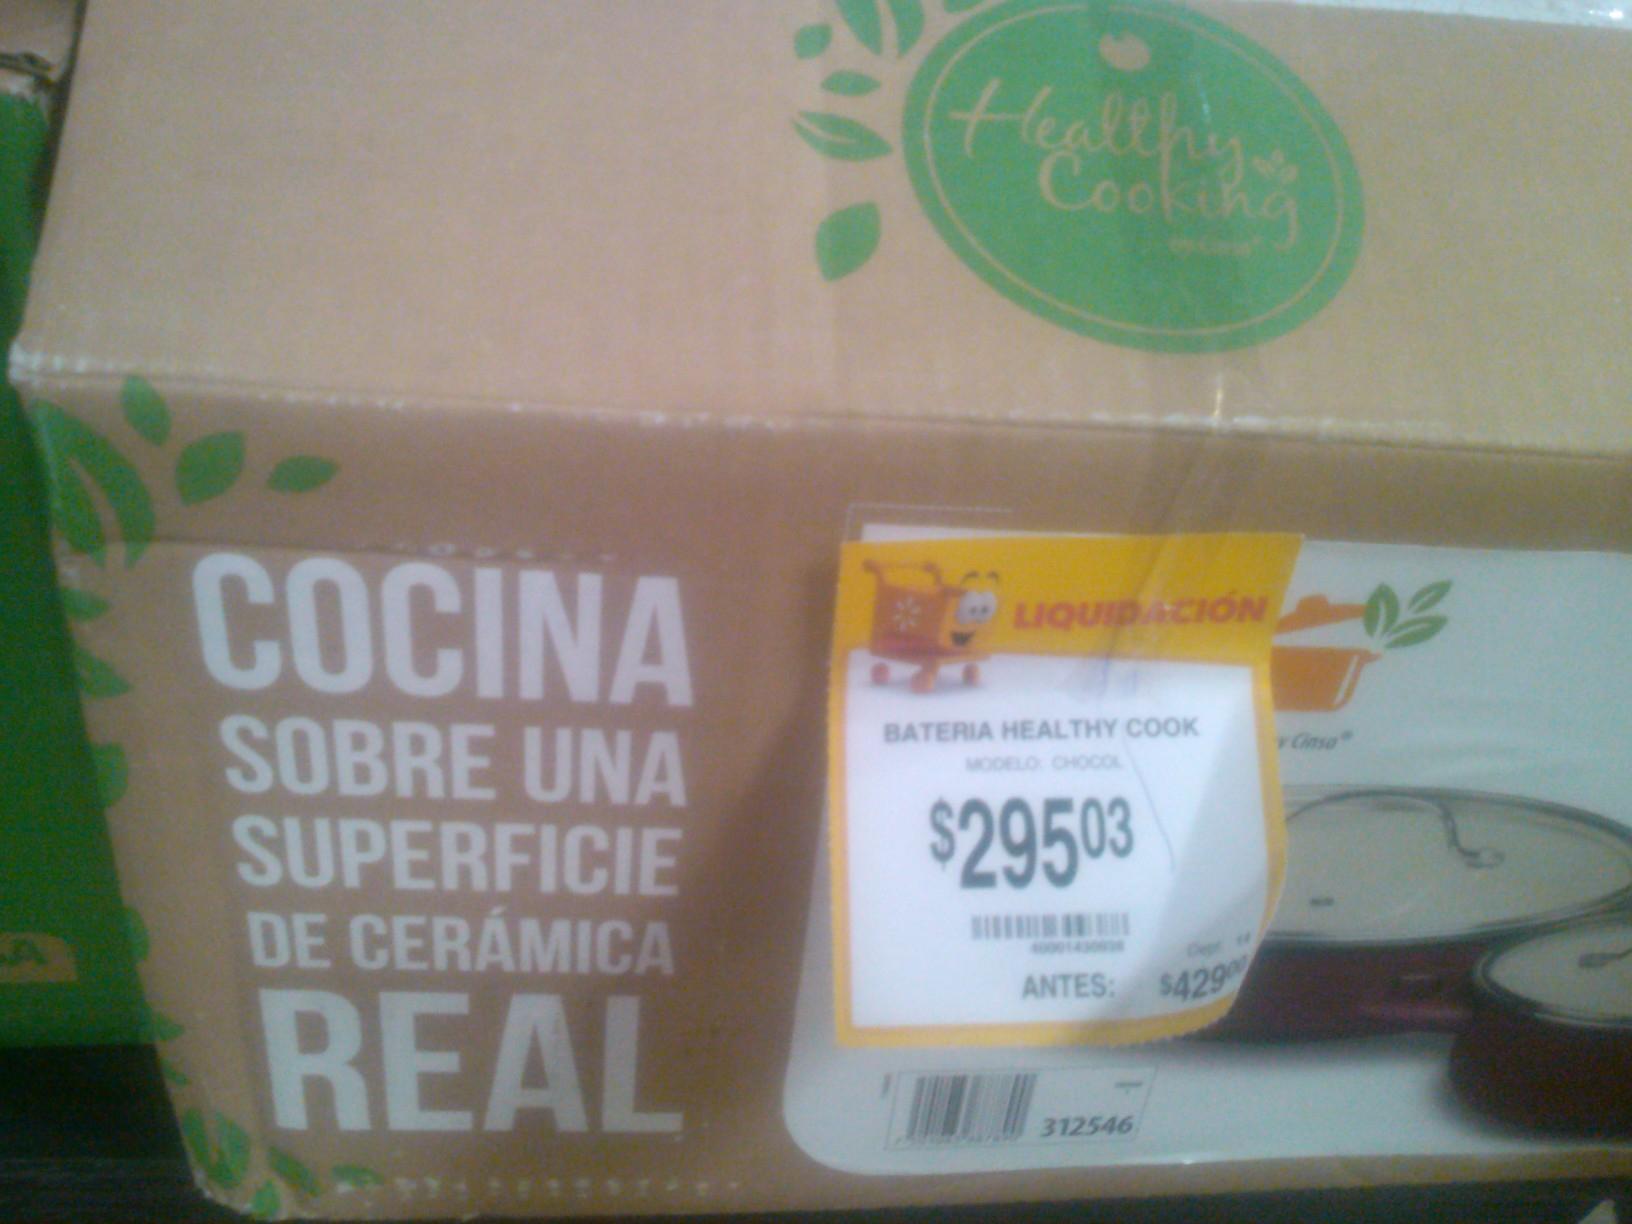 Walmart: Bateria Healthy Cook (Cinsa) y varias liquidaciones